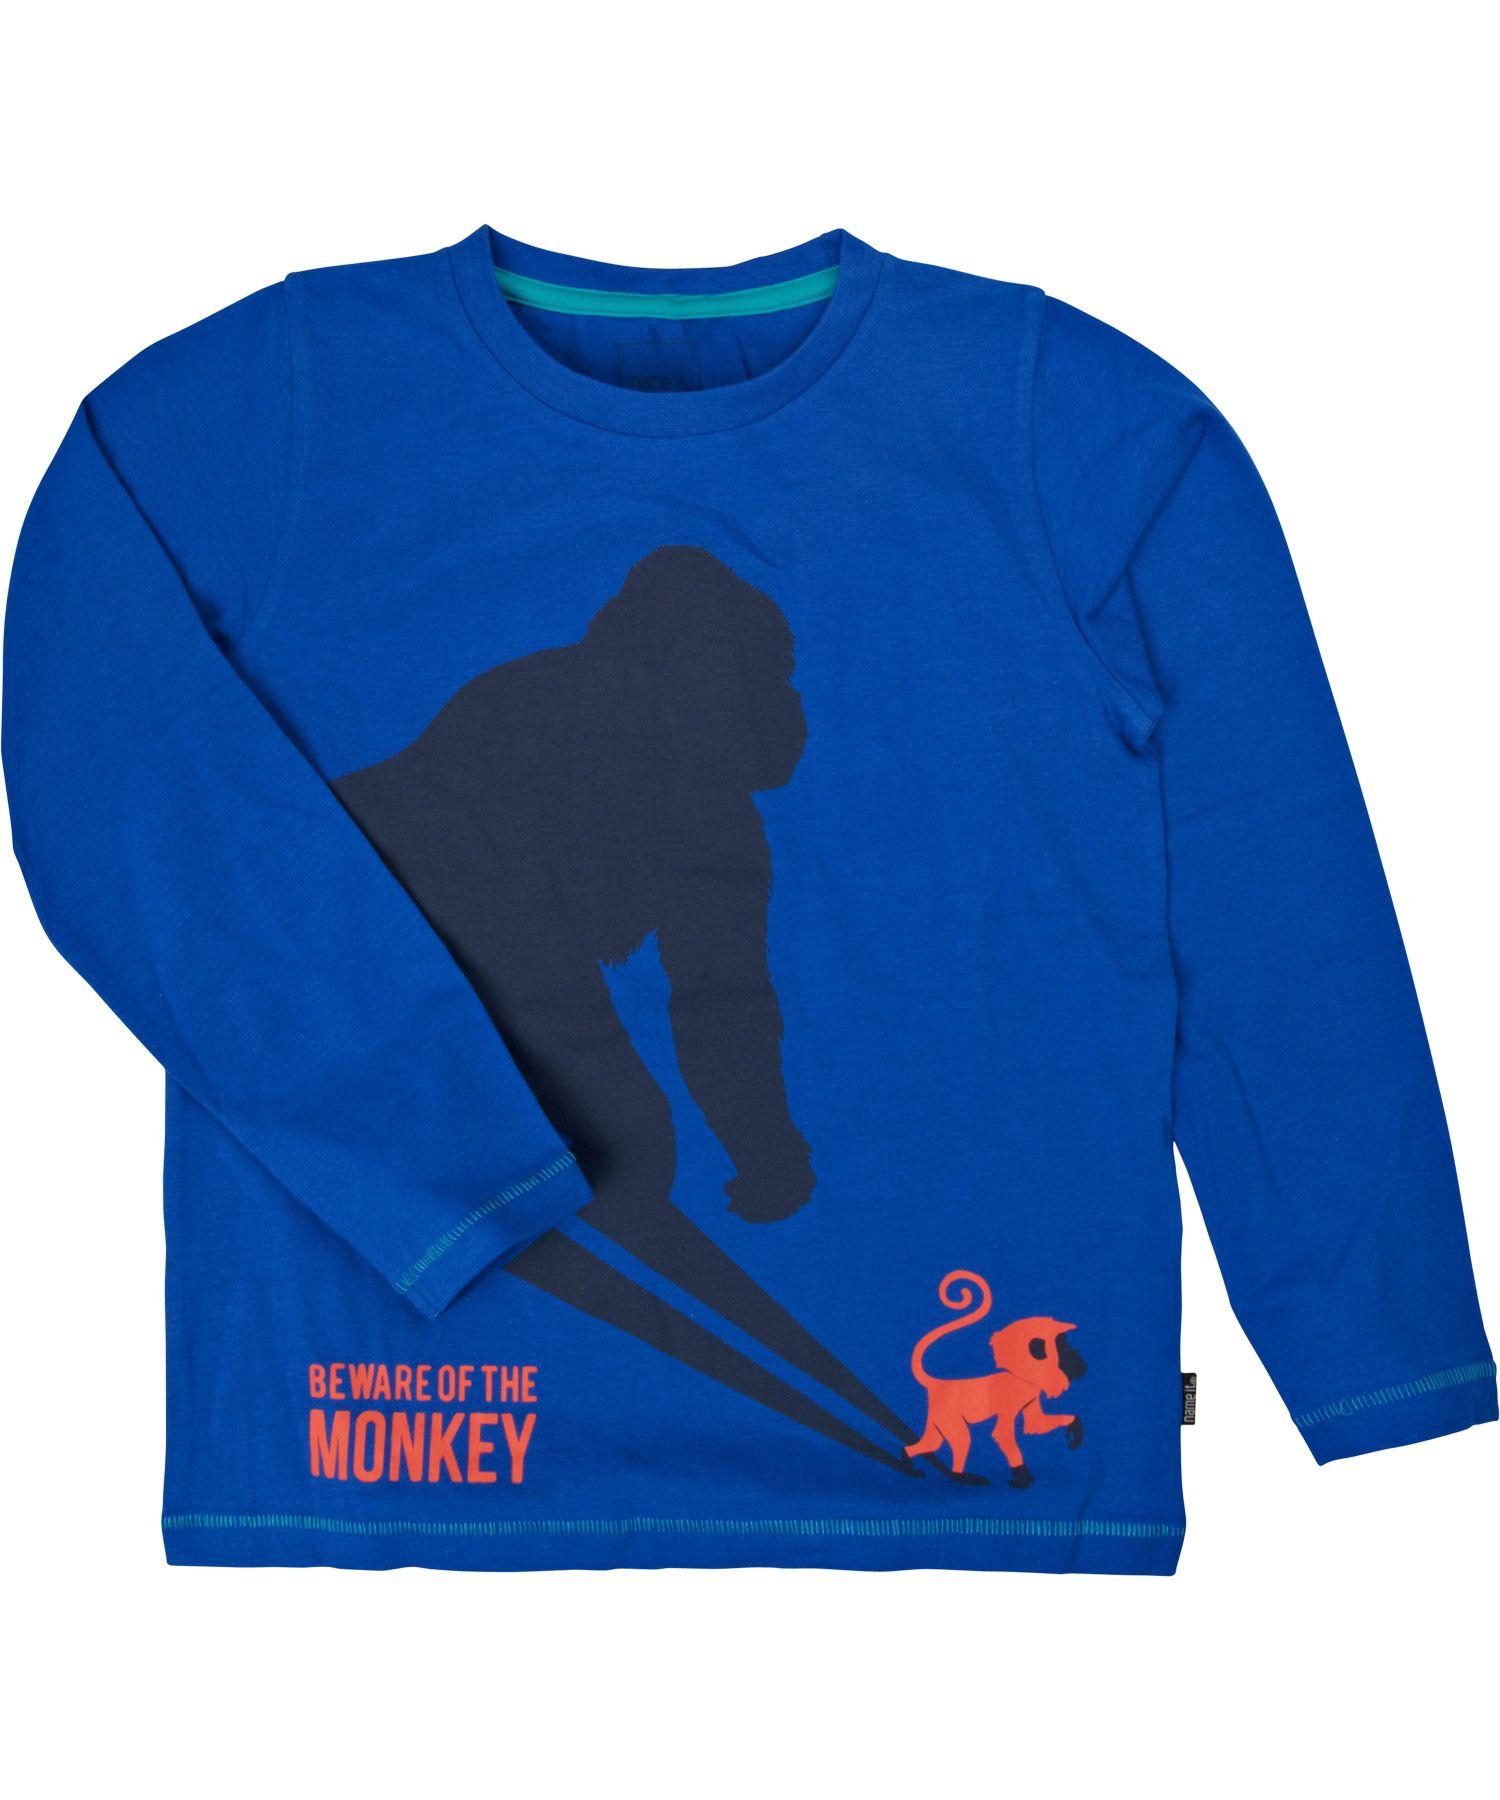 Name It super wijze blauwe t-shirt met gorilla #emilea